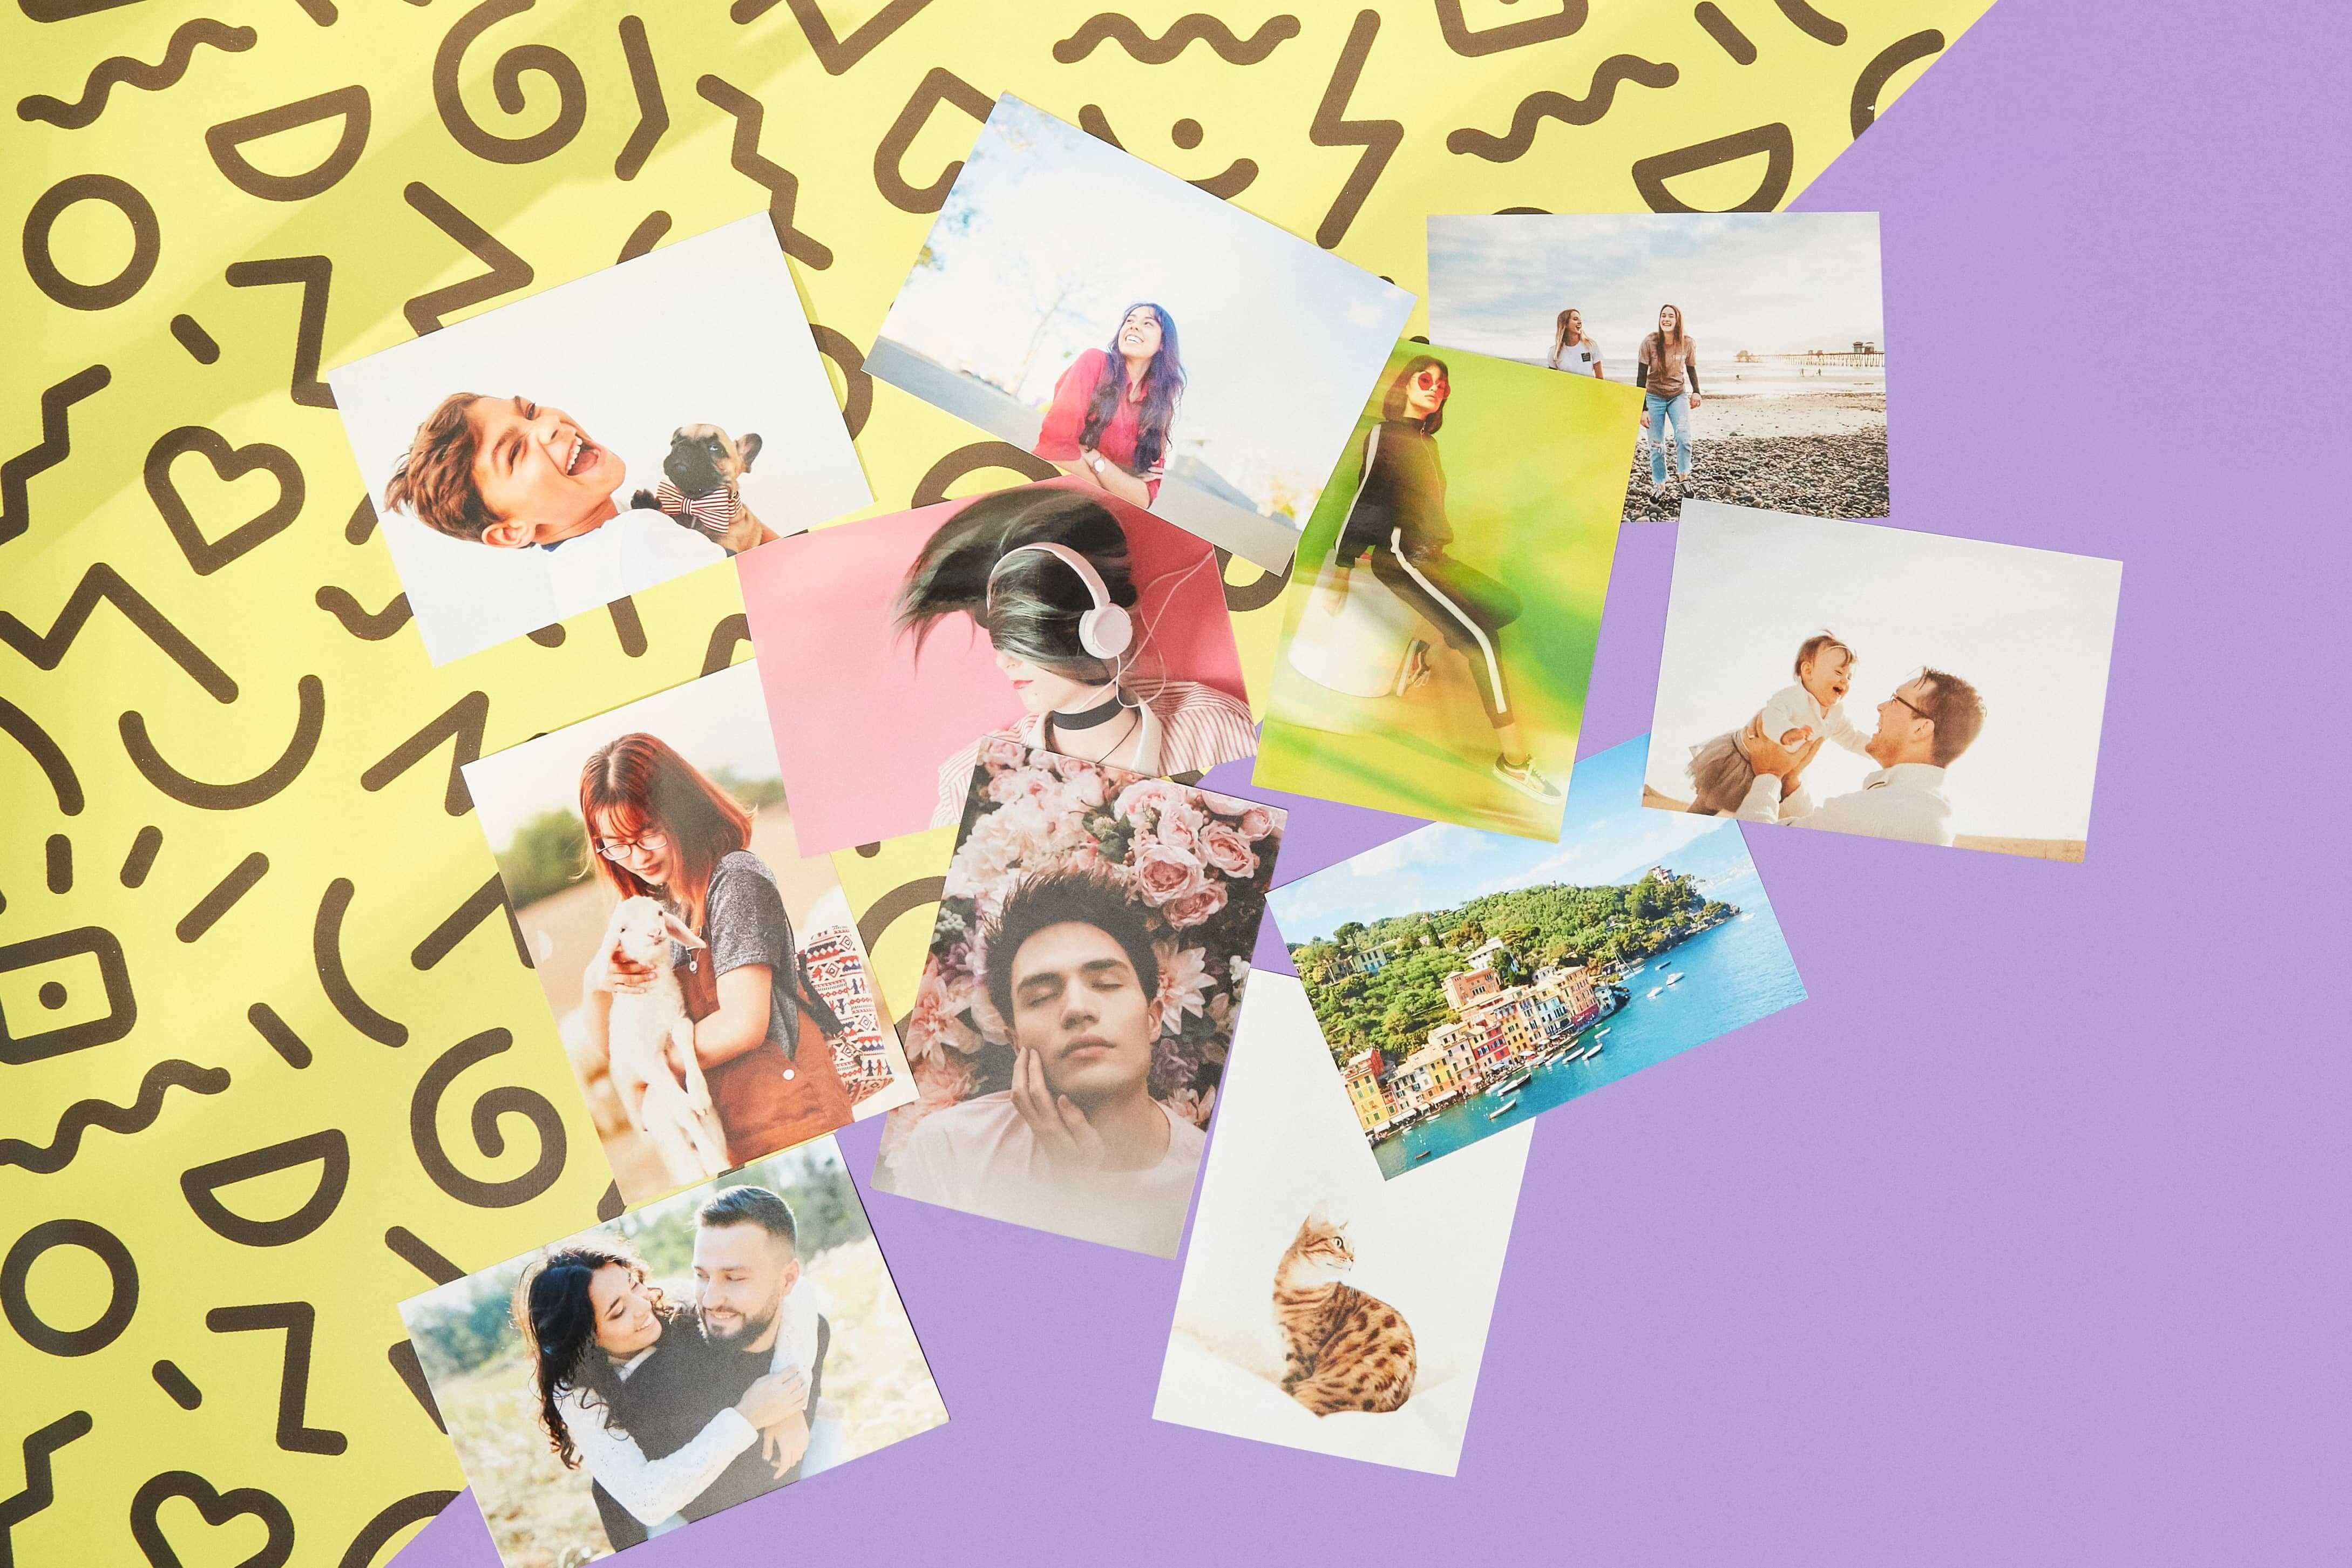 Prisma и еще 8 приложений, превращающих фото в искусство - Афиша Daily | 2905x4357